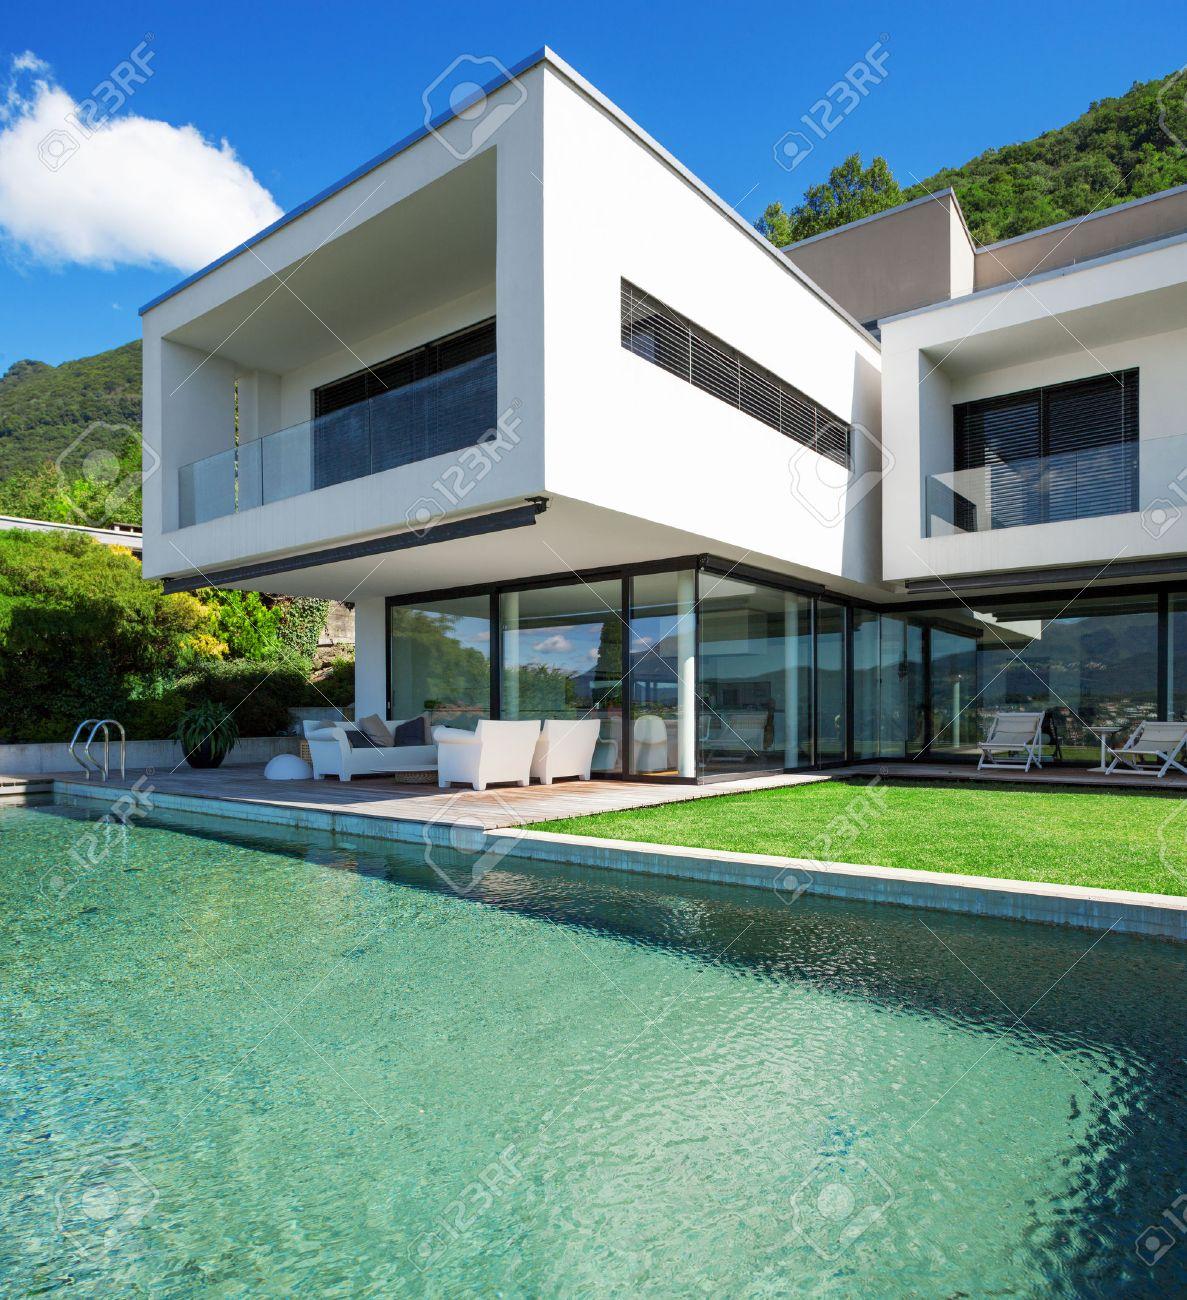 Casa moderna con piscina in esterno foto royalty free, immagini ...